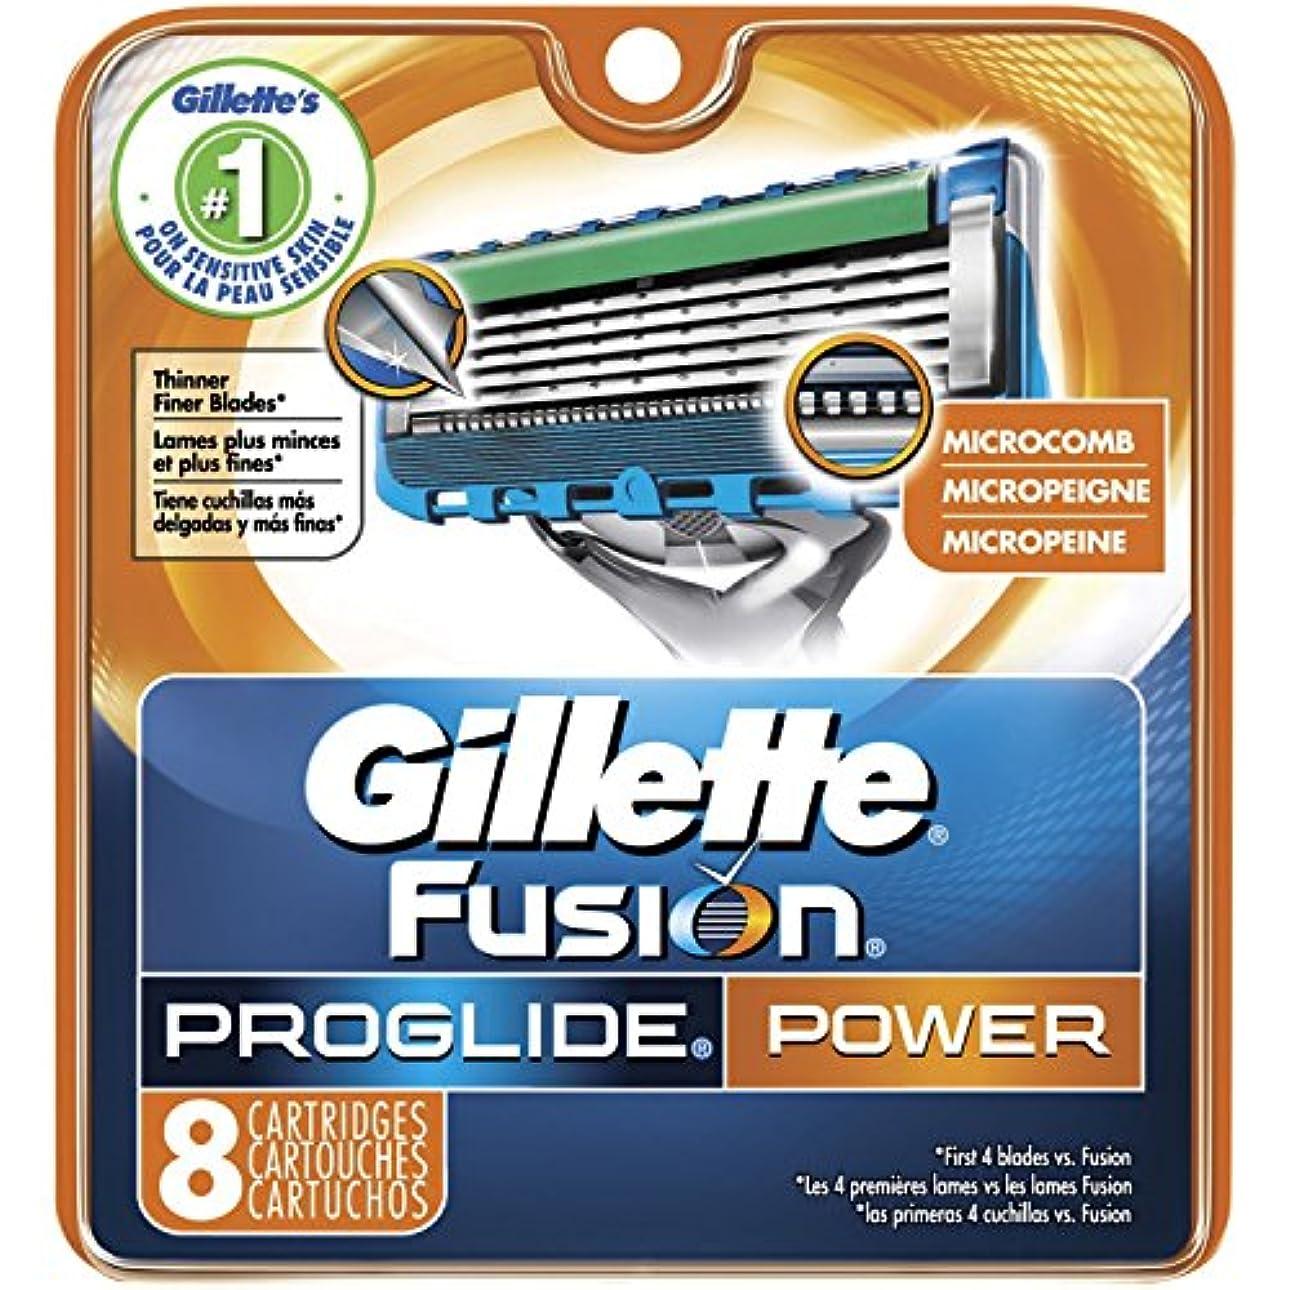 祝福する災難優勢Gillette Fusion PROGLIDE POWER Razor Blades Refills ドイツ8パック製 [並行輸入品]